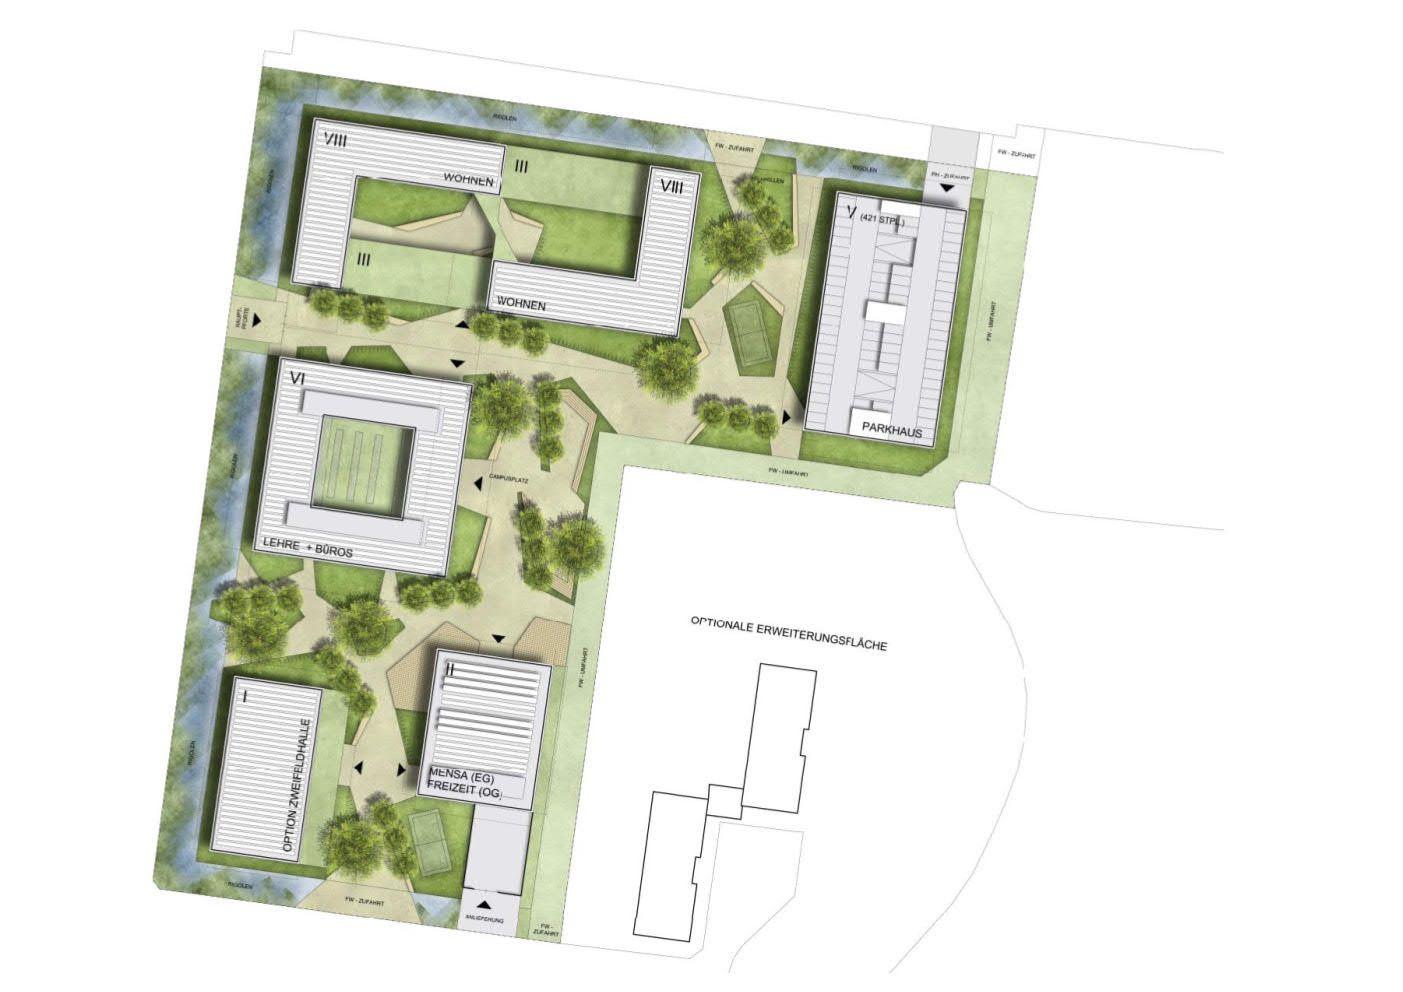 PMR_Campus_Neubau Bundeszollverwaltung Rostock_02_210722